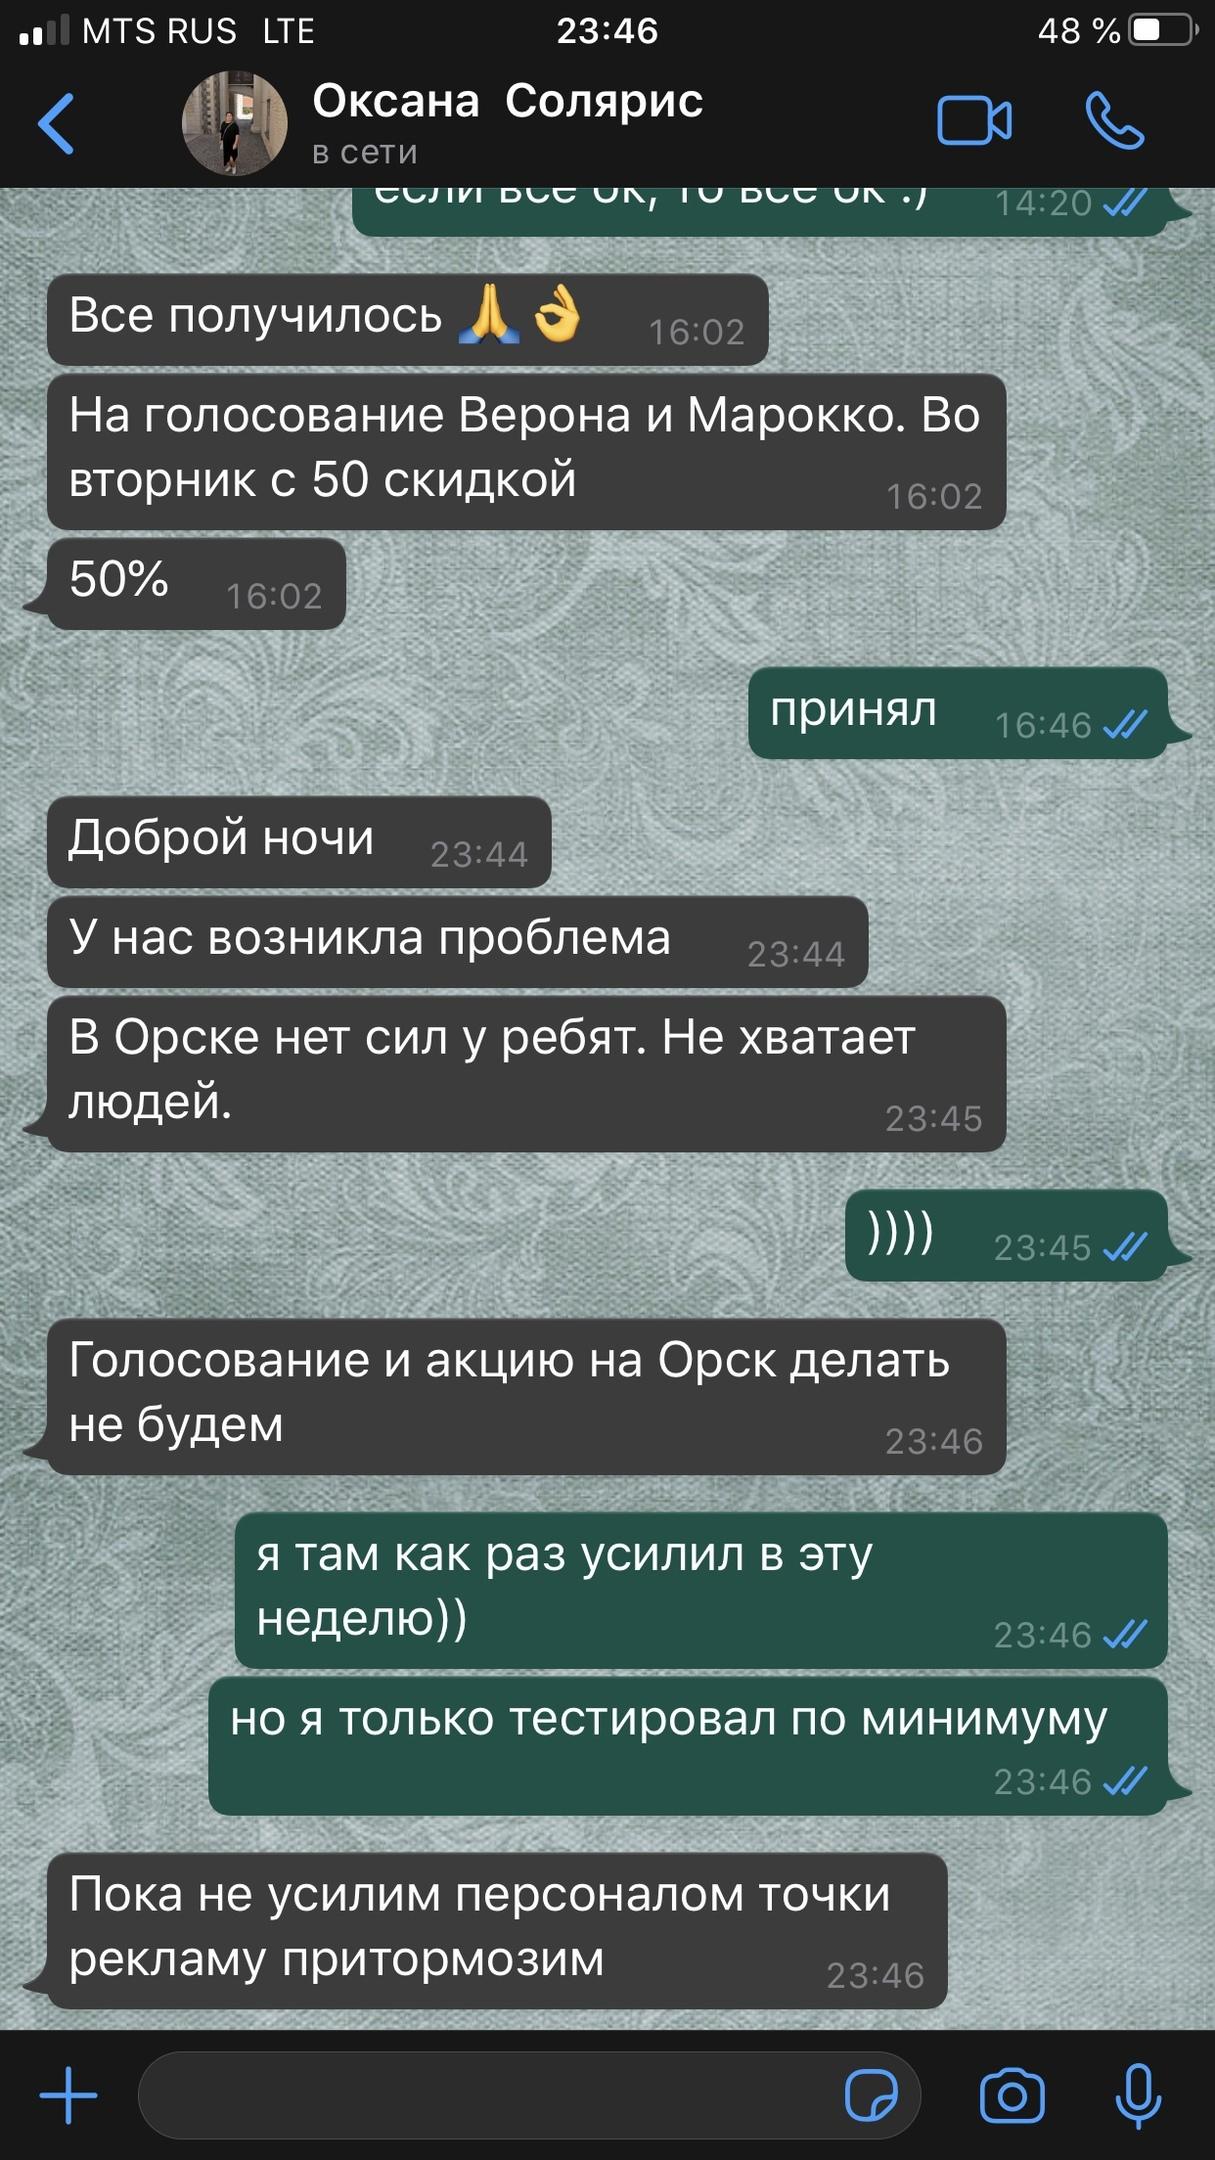 когда не знаешь , как реагировать ))